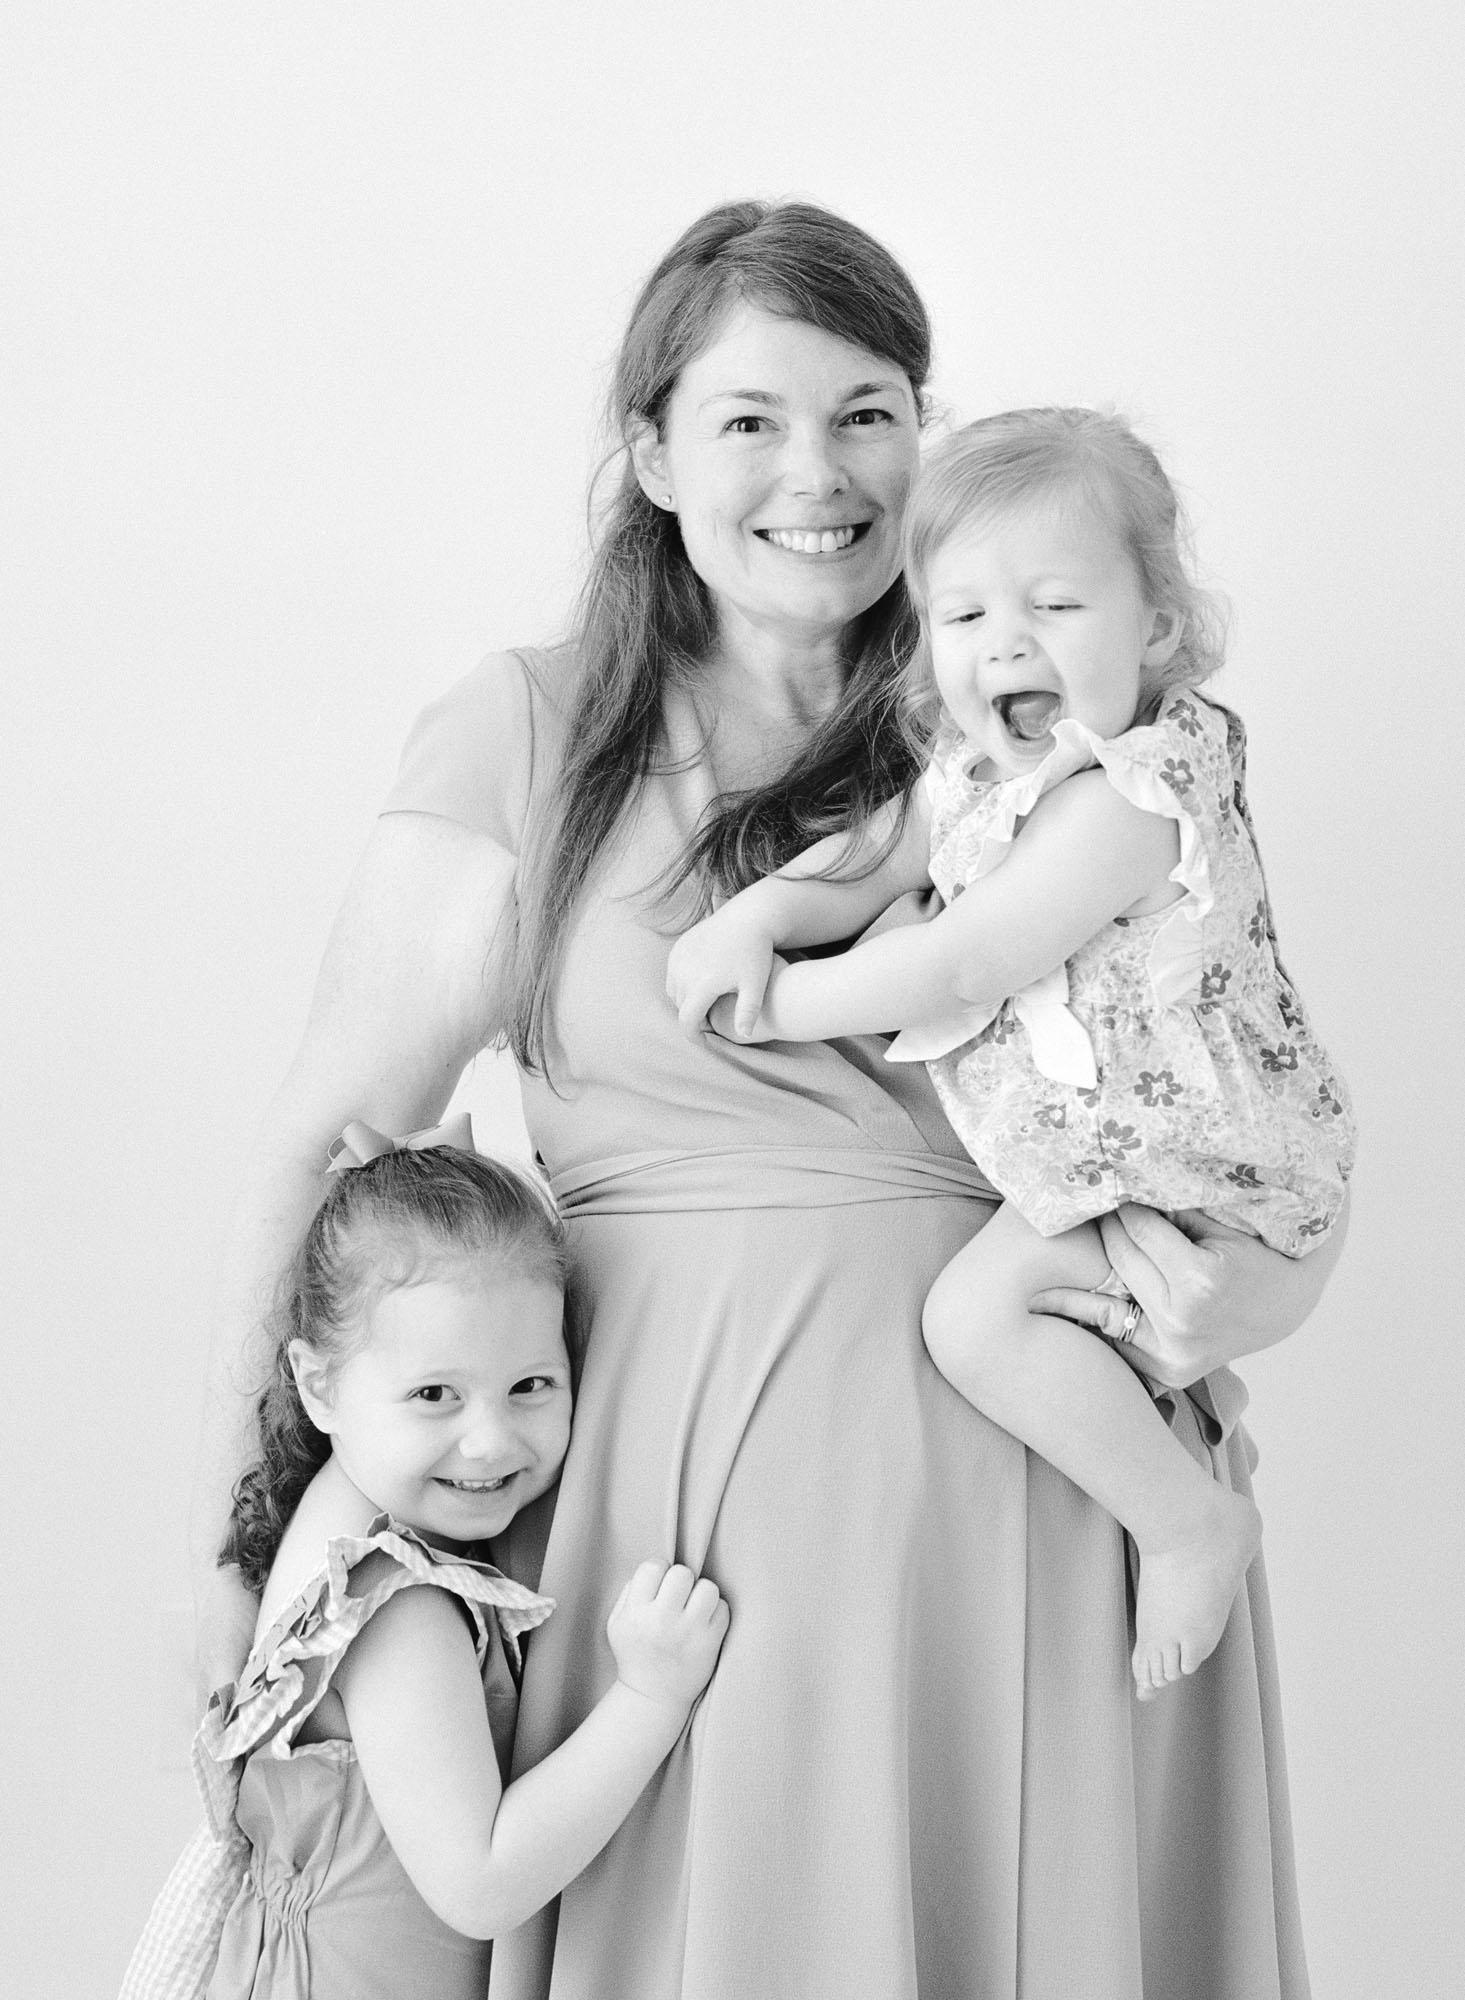 family-photographer-raleigh-nc-motherhood-portraits-009